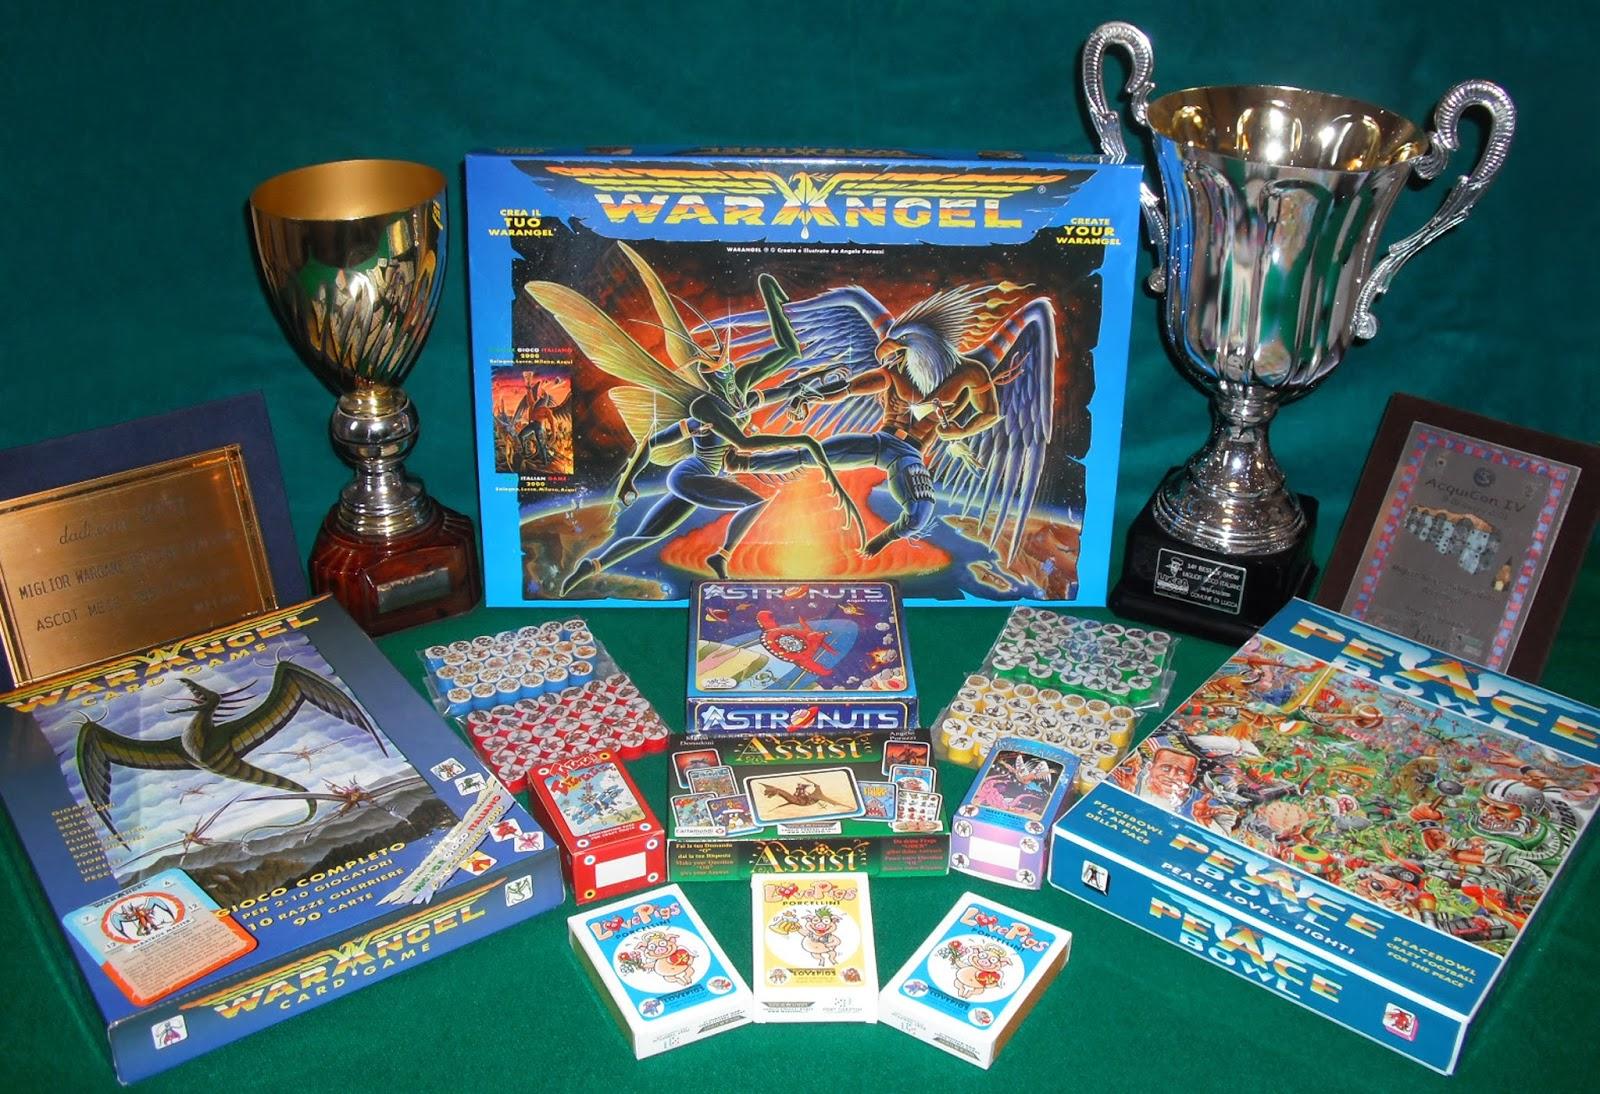 Planet comics focus on angelo porazzi e warangel - Miglior gioco da tavolo ...